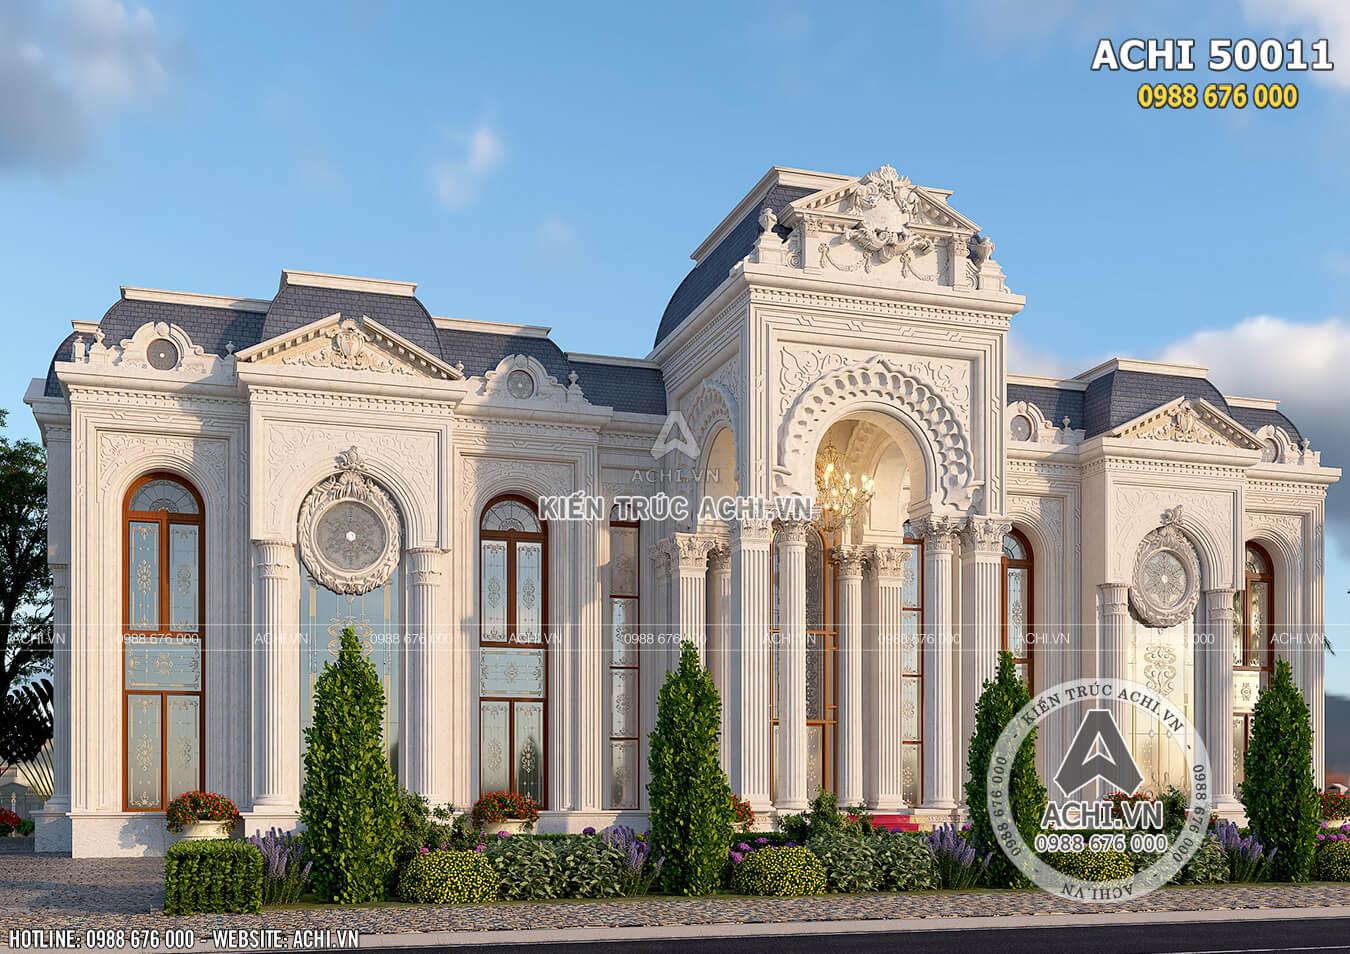 Mẫu thiết kế dinh thự 2 tầng đẹp đẳng cấp ở Dubai - ACHI 50011